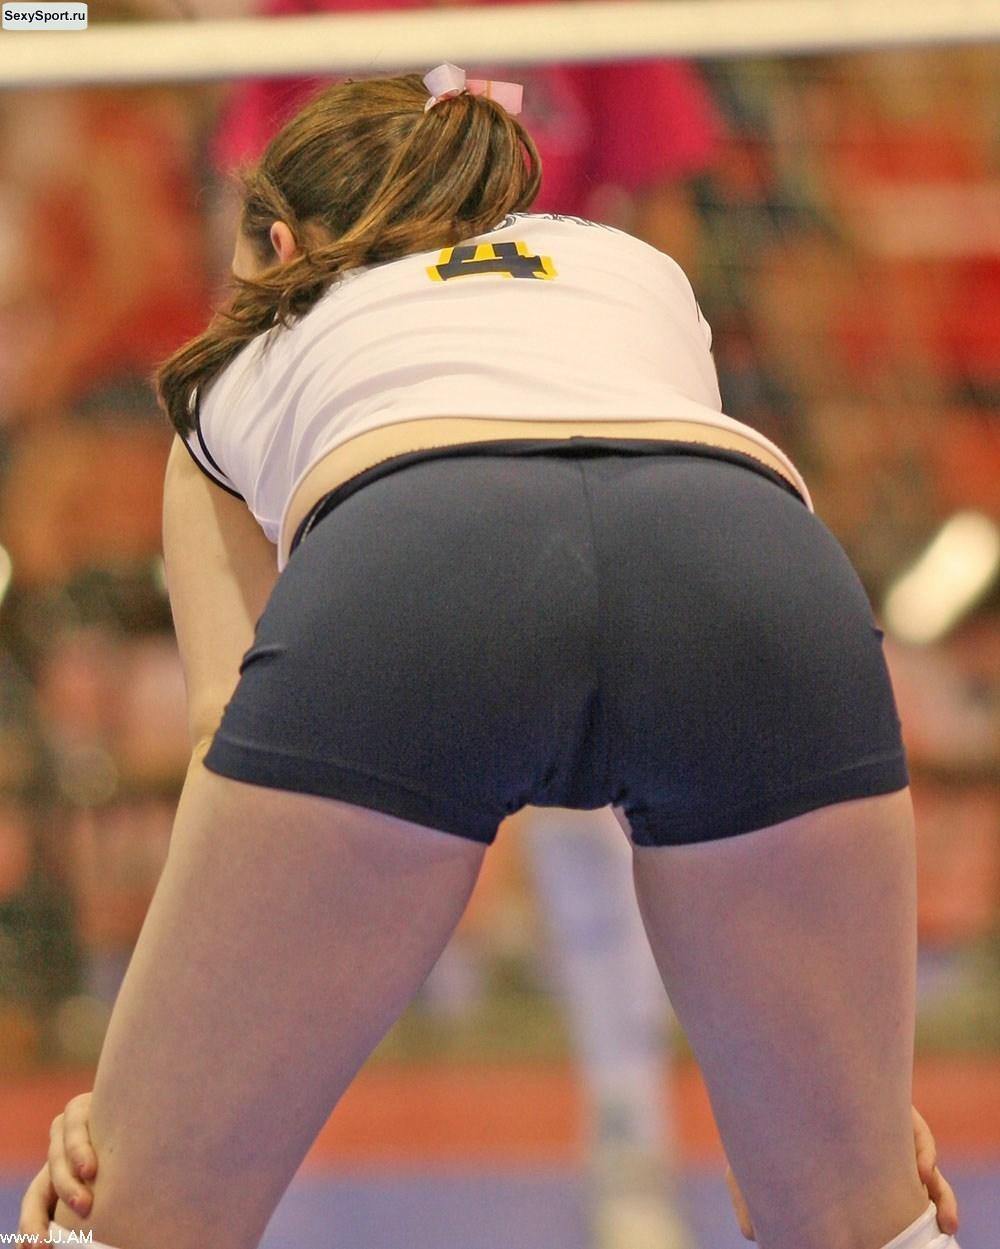 Сексуальные волейболистки в обтягивающихся трусиках фото 288-838